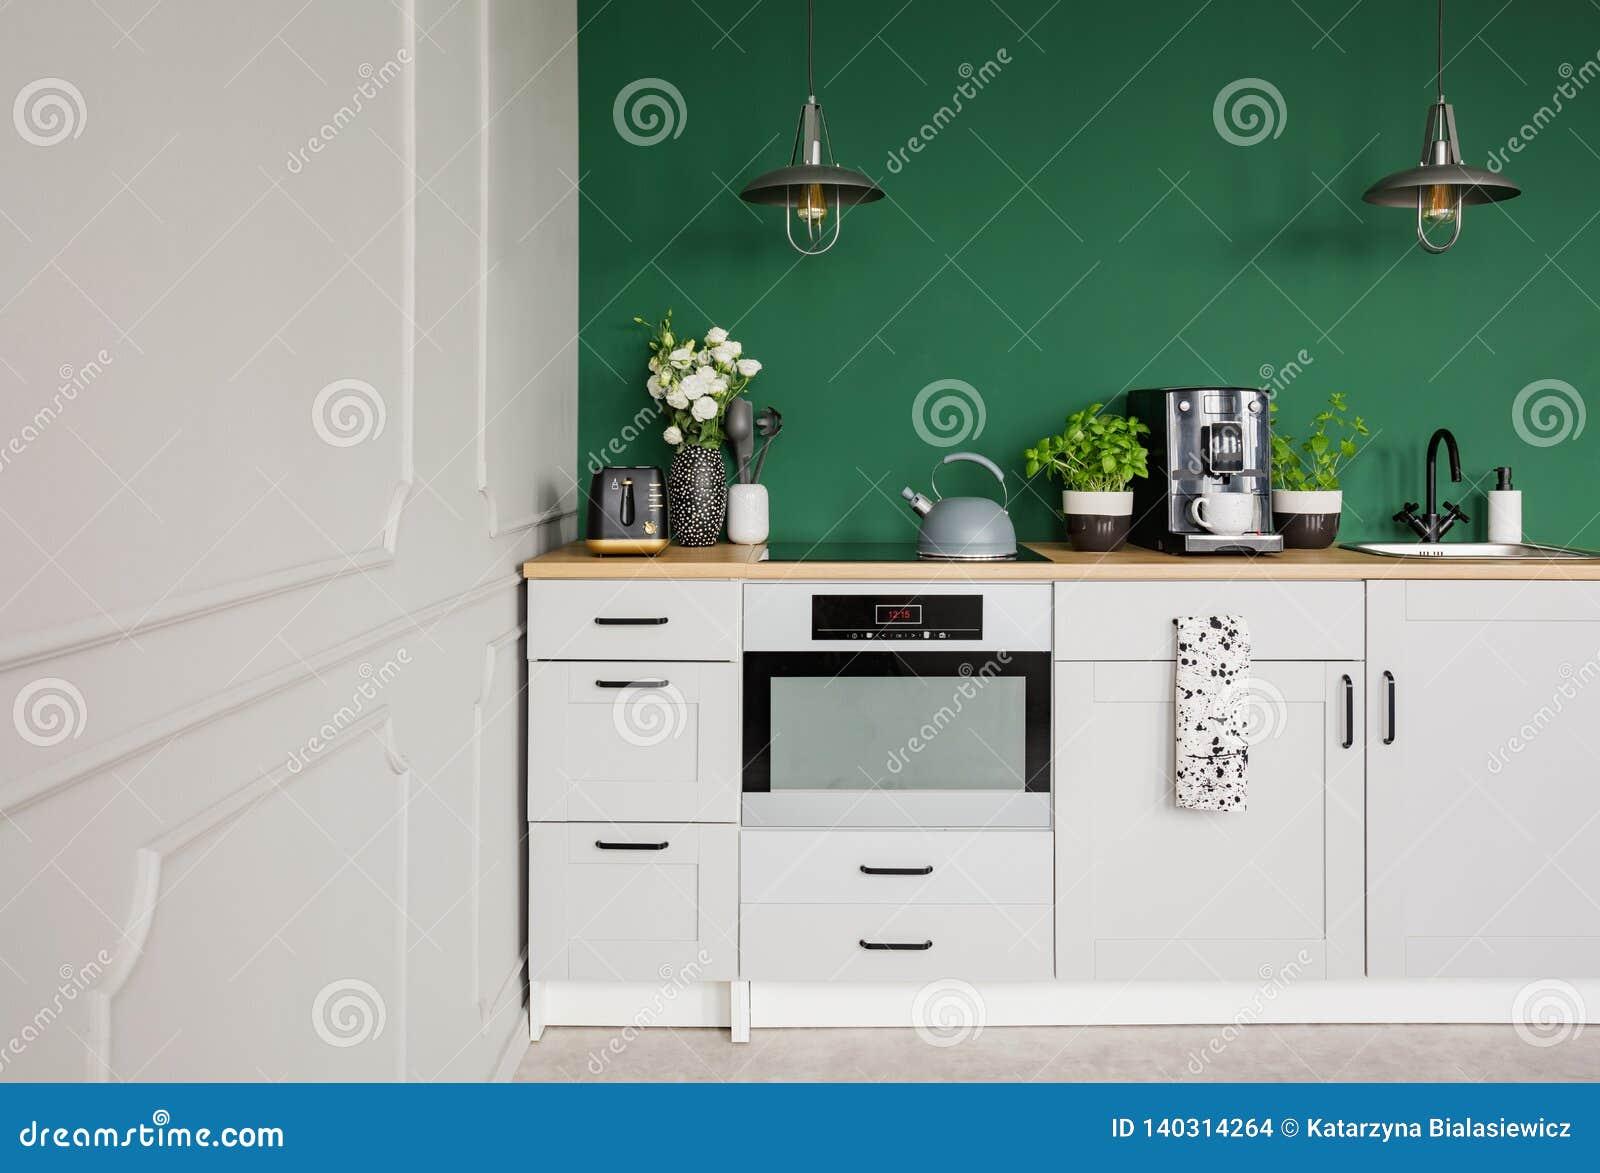 Lege groene muur met exemplaarruimte in elegante keuken met witte meubilair, installaties en koffiemachine